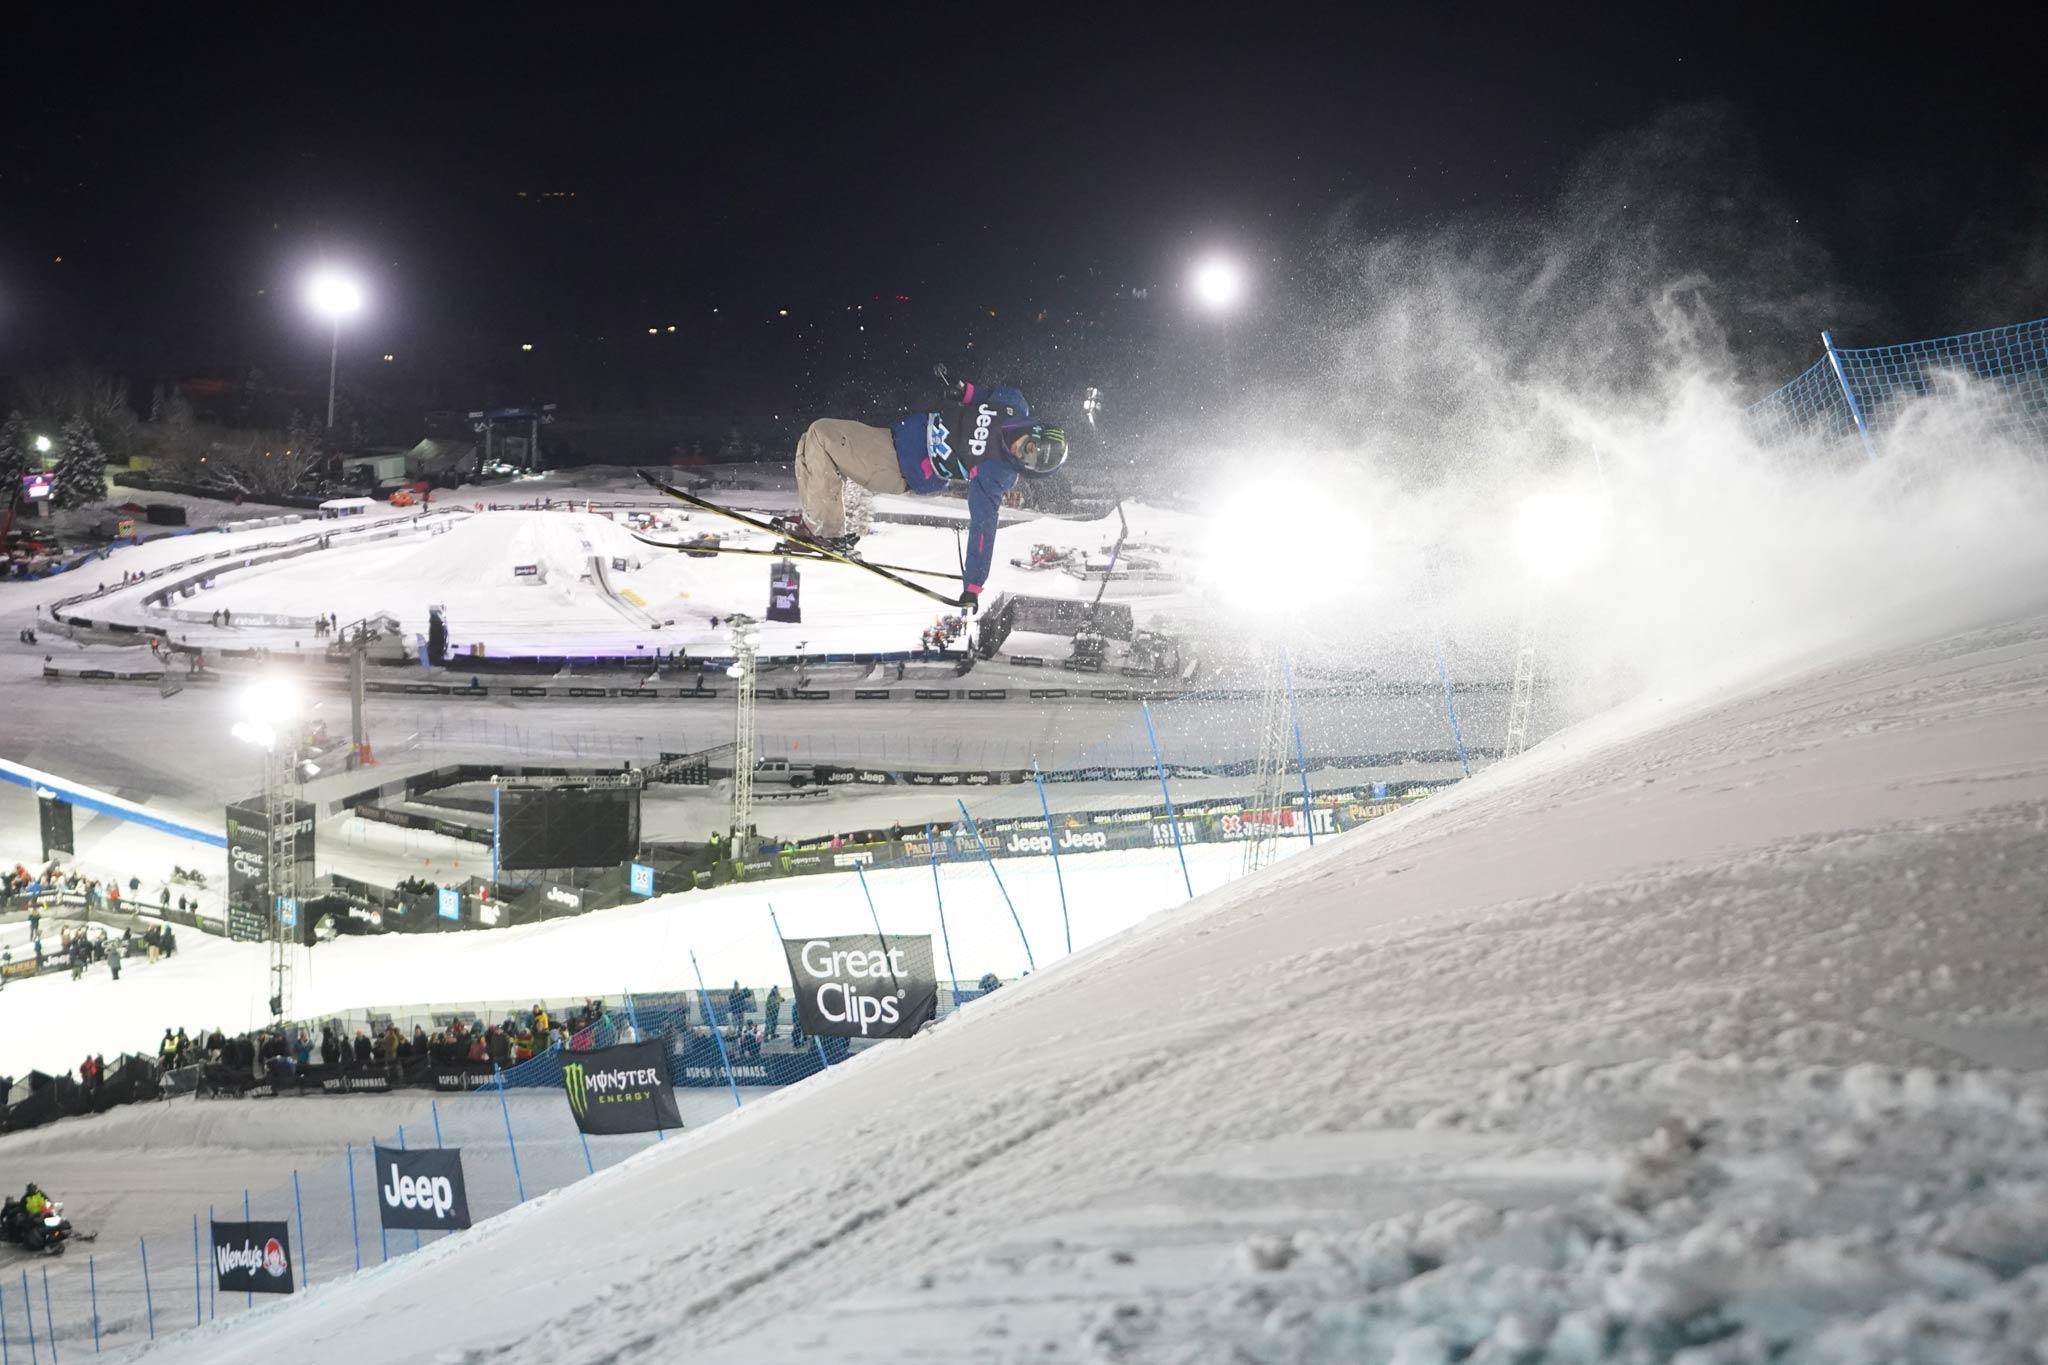 Der Sieger des ersten Knuckle Huck Contests im Rahmen der Winter X Games: Colby Stevenson (USA) - Foto: Matt Morning / ESPN Images